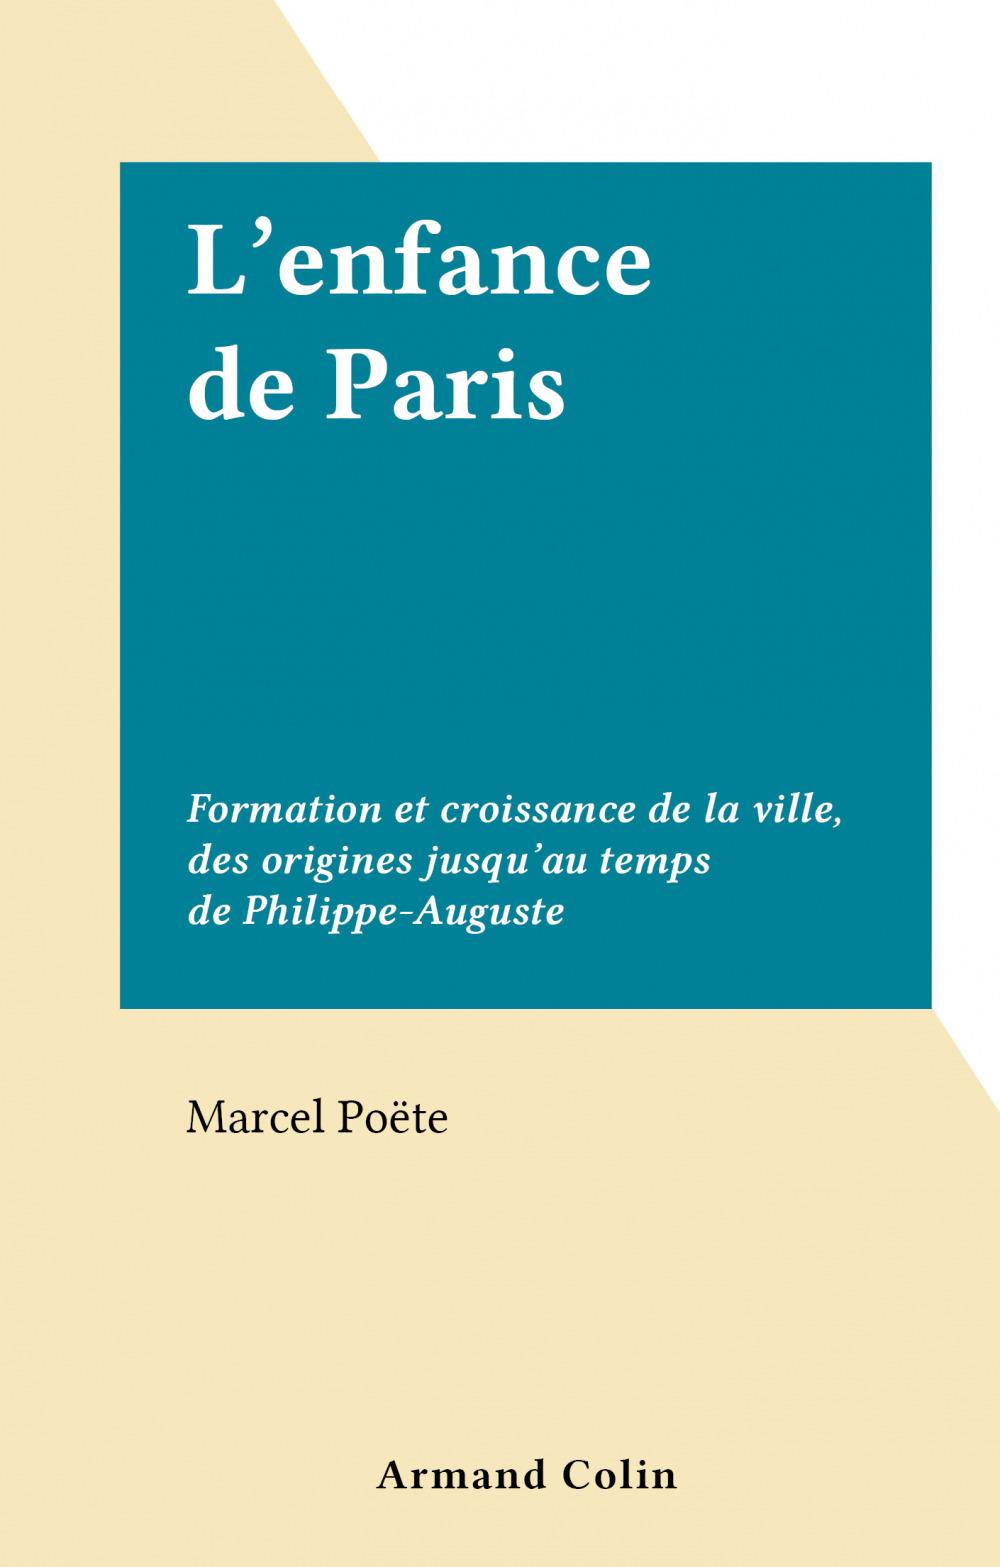 L'enfance de Paris  - Marcel Poëte